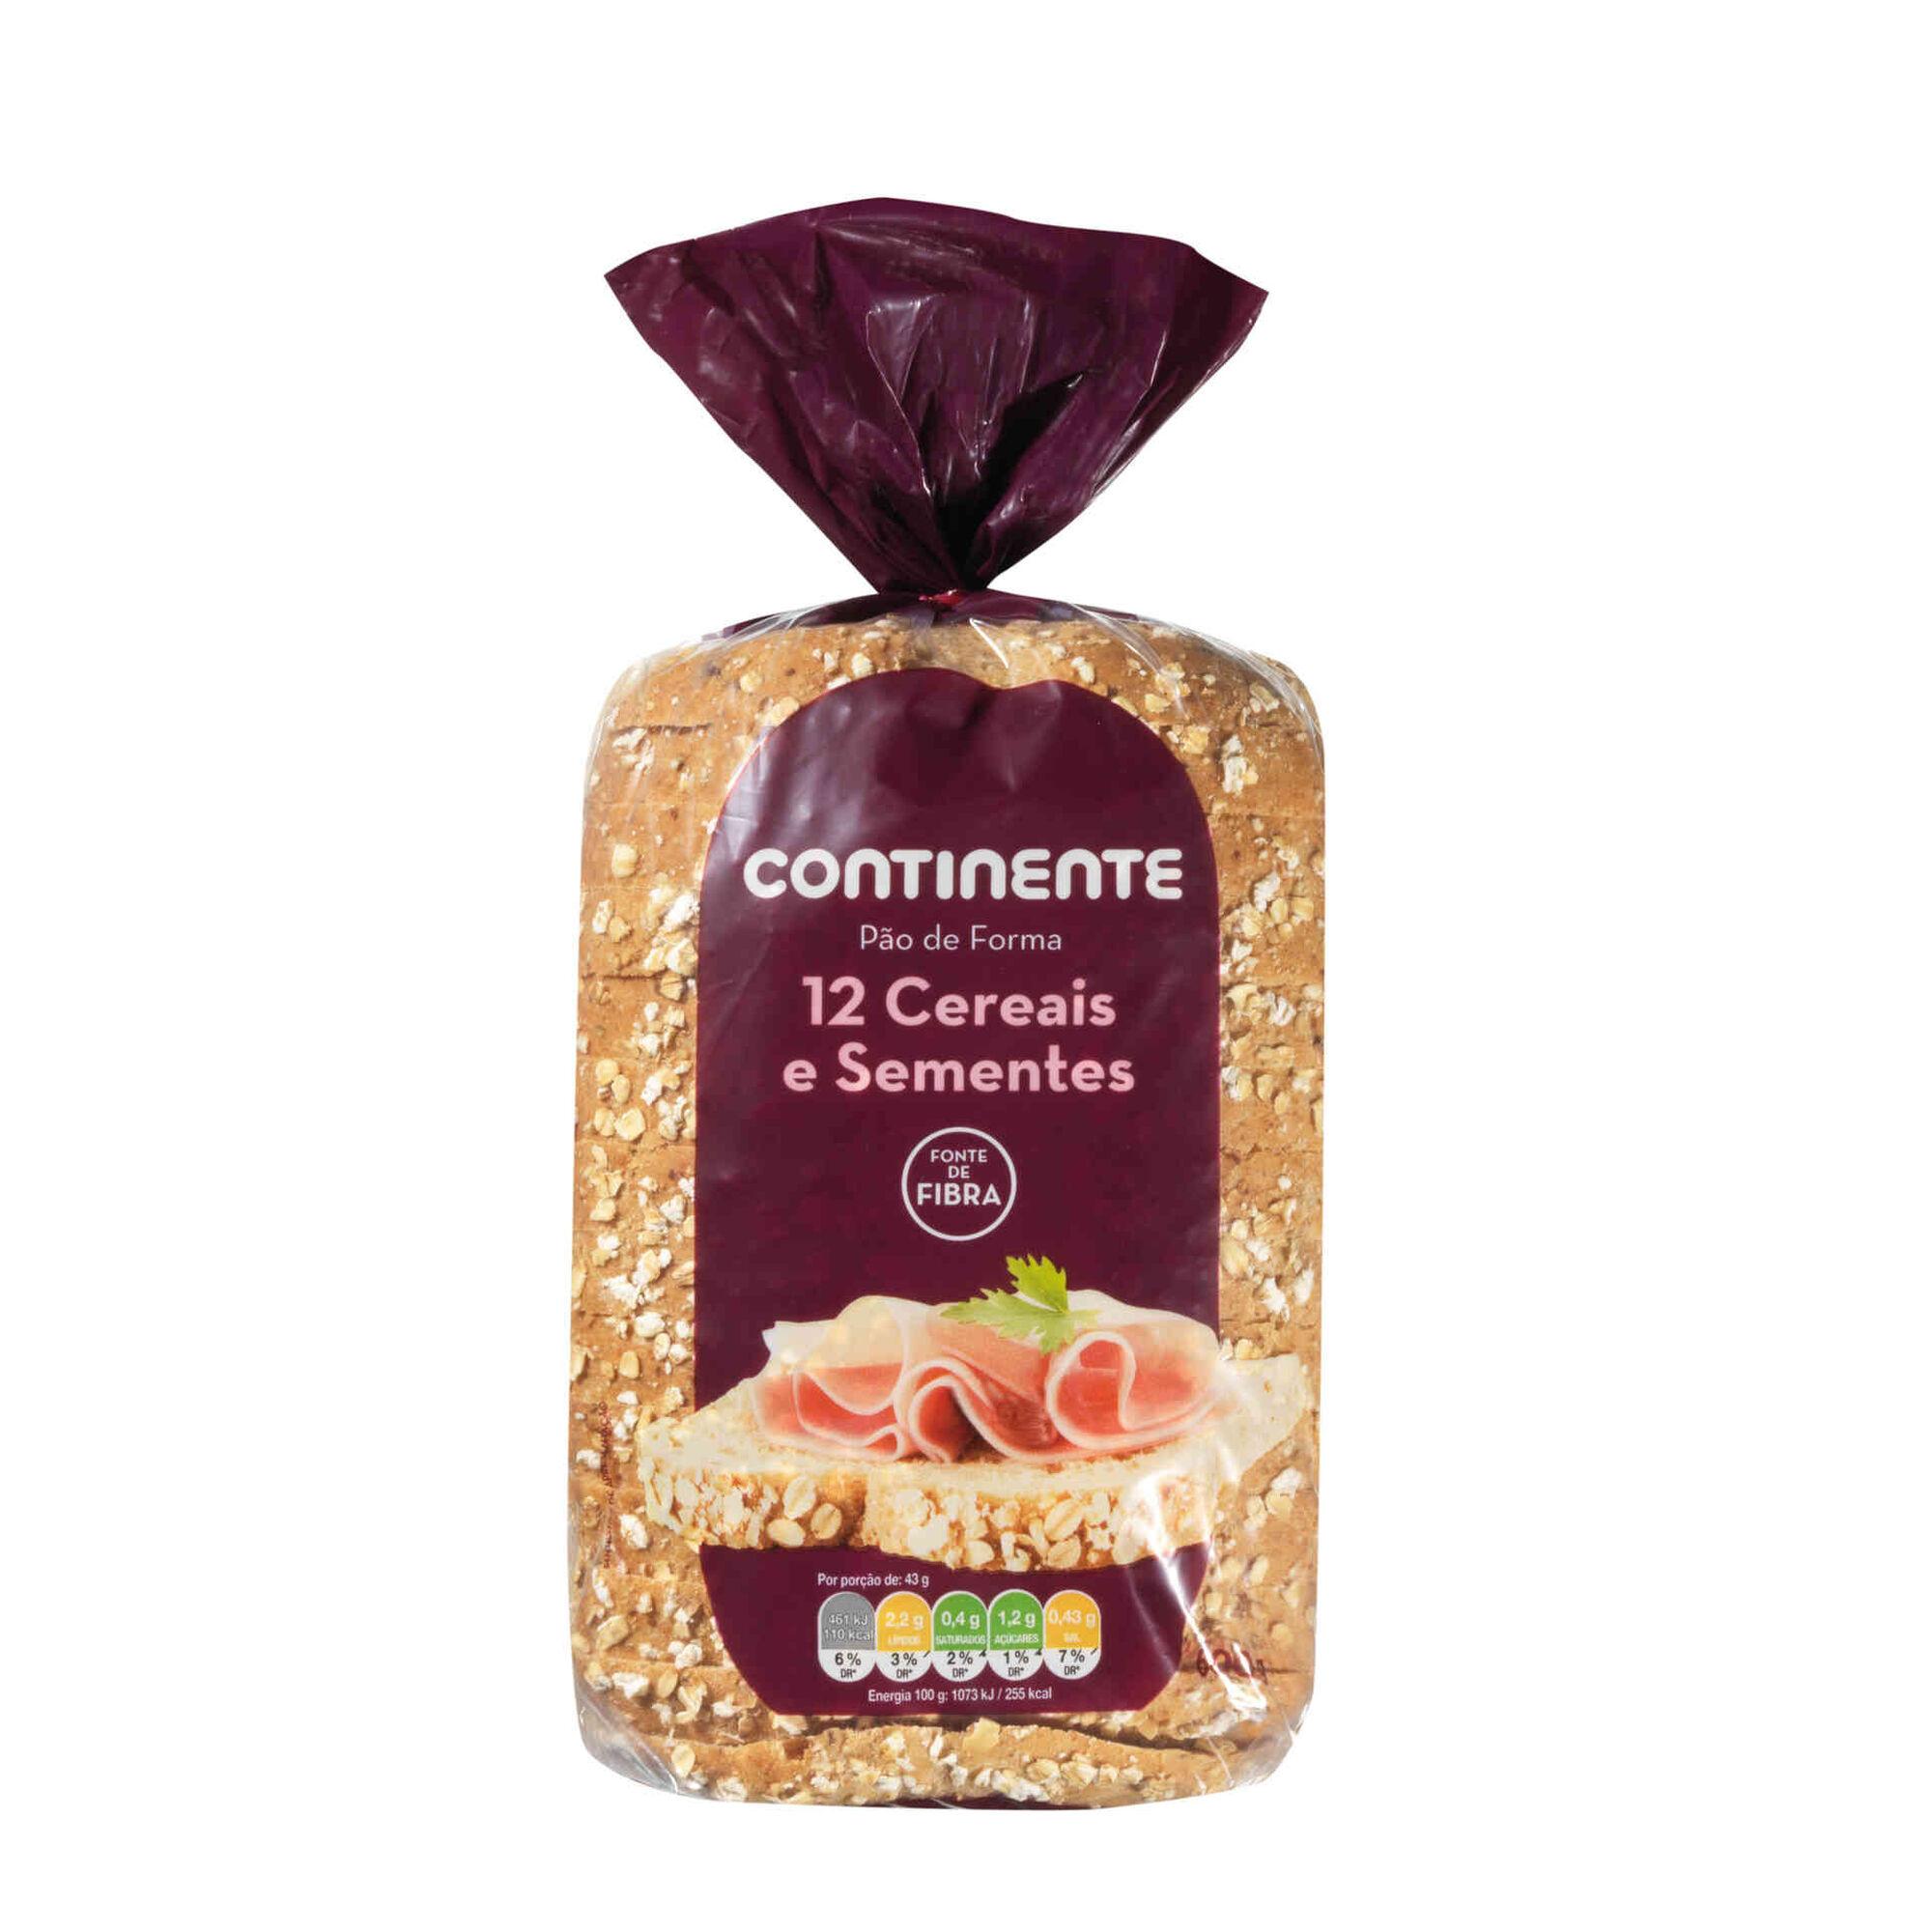 Pão de Forma 12 Cereais e Sementes